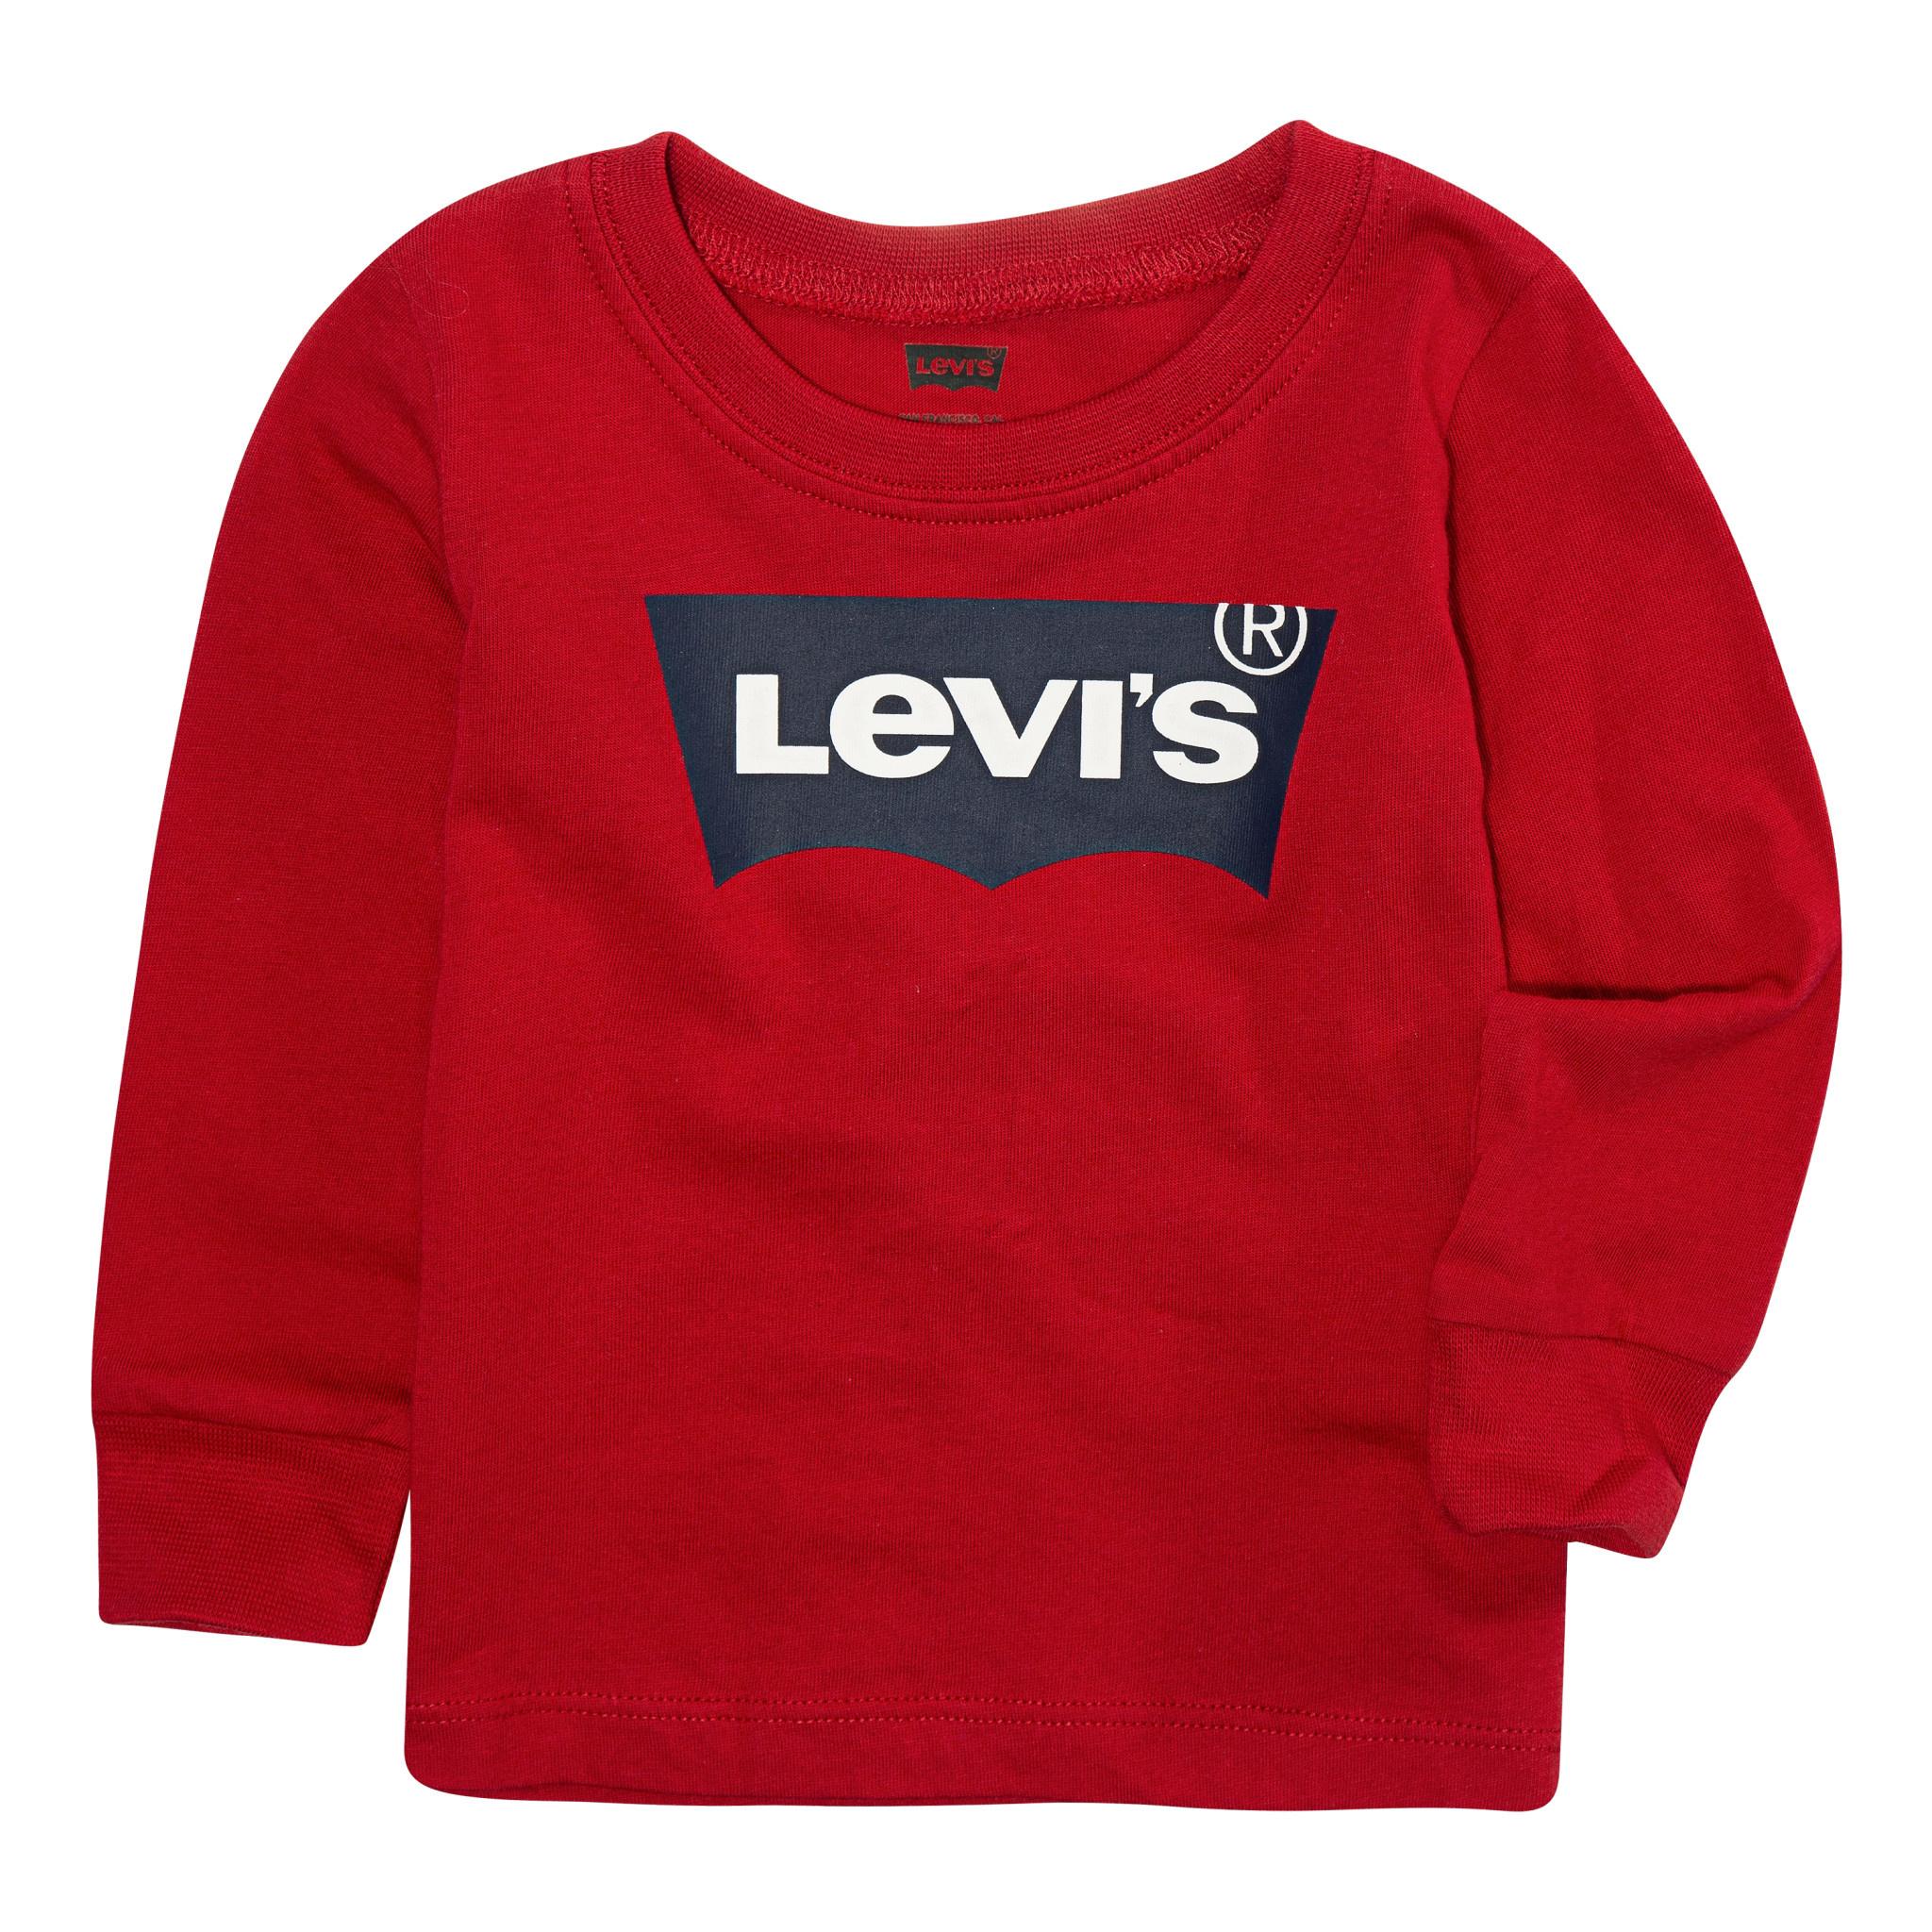 Levi's Longsleeve batwing super red